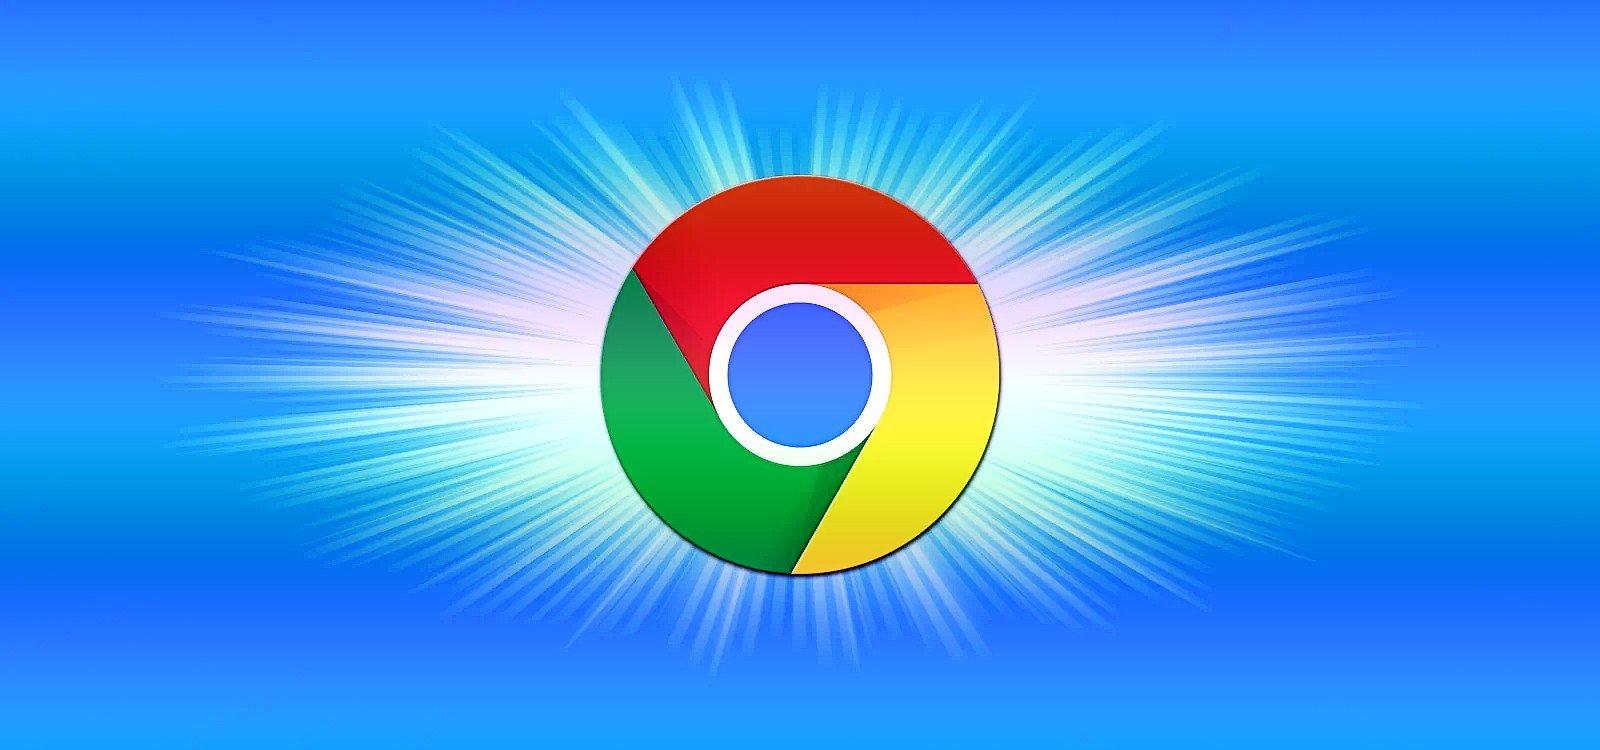 Google Chrome obtiene una superposición de rendimiento de la página web en tiempo real